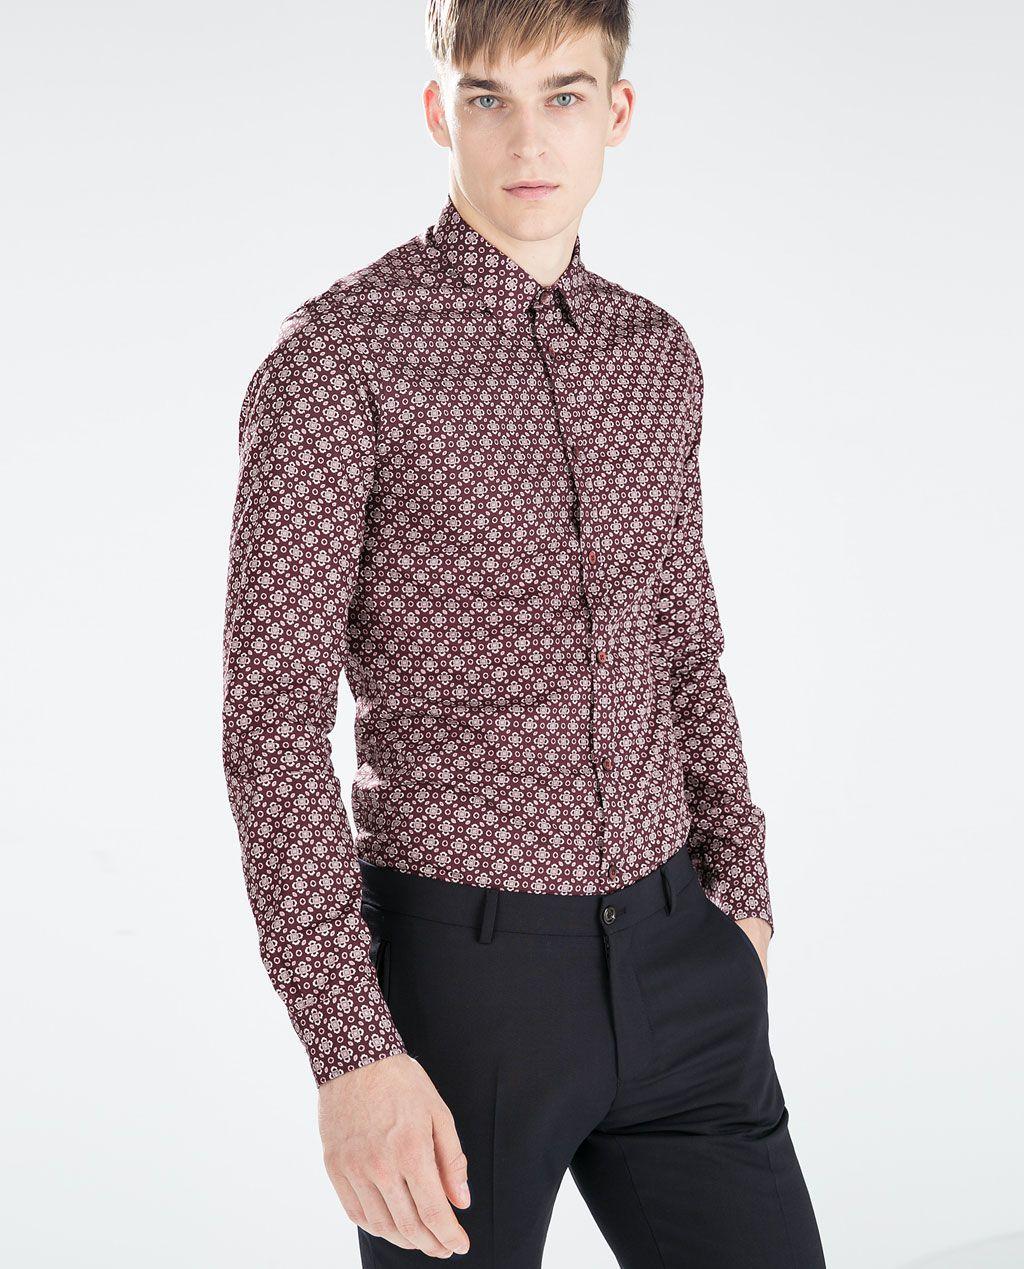 62649f00 ZARA - MAN - GEOMETRIC PRINT SHIRT | Mens fashion | Printed shirts ...